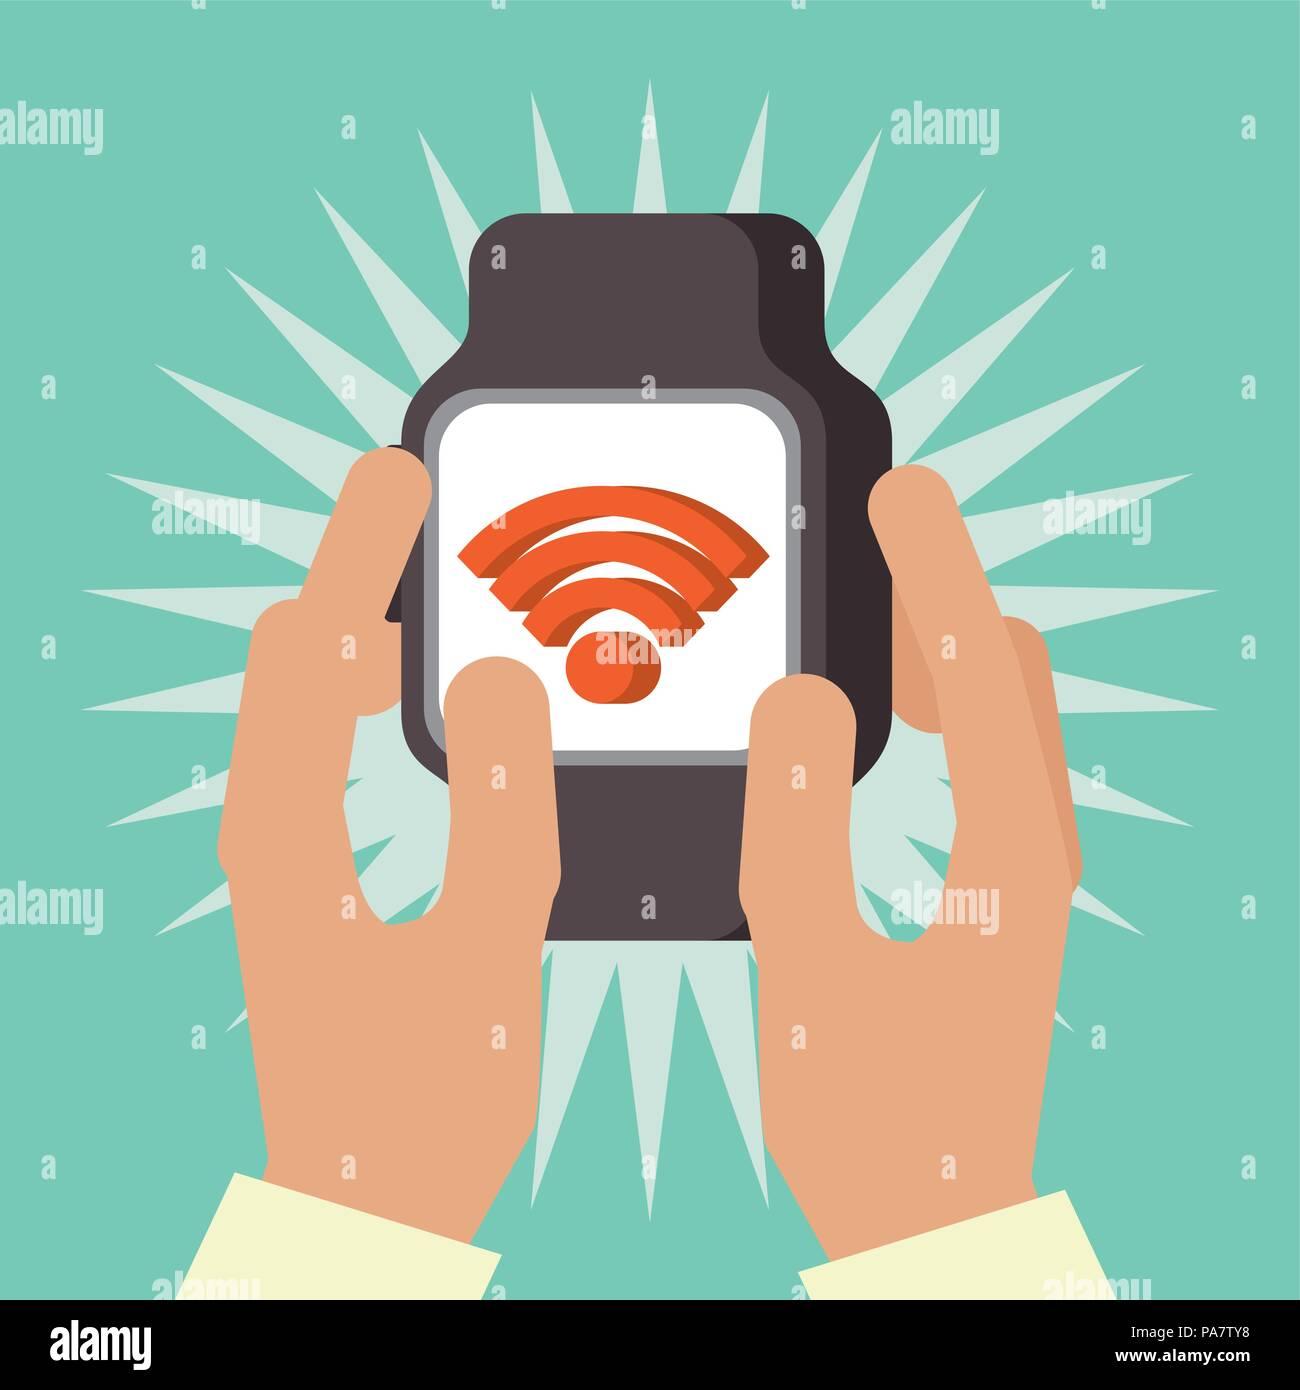 047fbfd27d59 Tecnología de pago NFC mano sujetando la señal de reloj de pulsera pantalla ilustración  vectorial